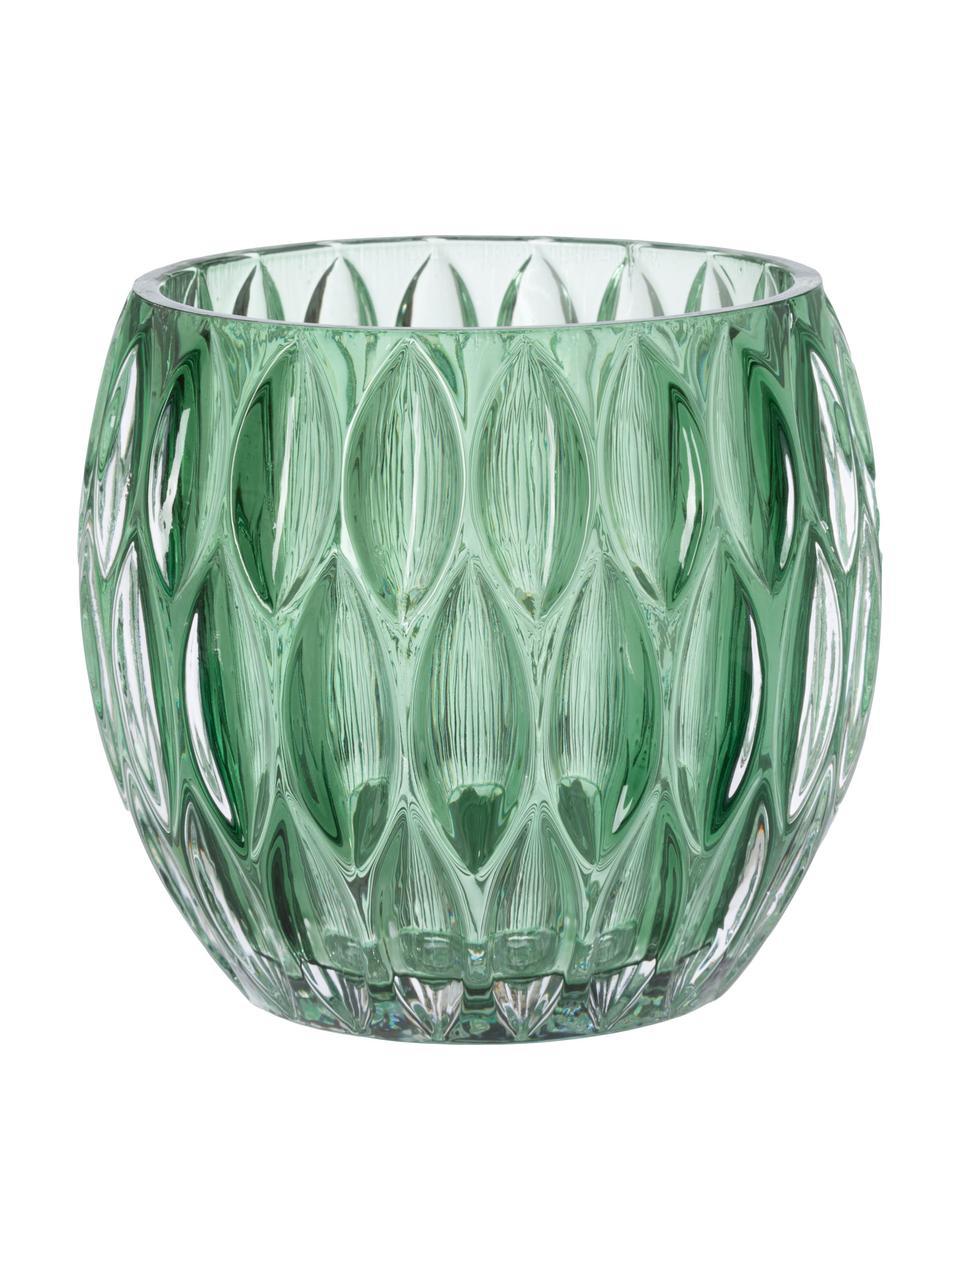 Komplet świeczników na podgrzewacze Aliza, 3 elem., Szkło, Zielony, transparentny, Ø 10 x W 9 cm